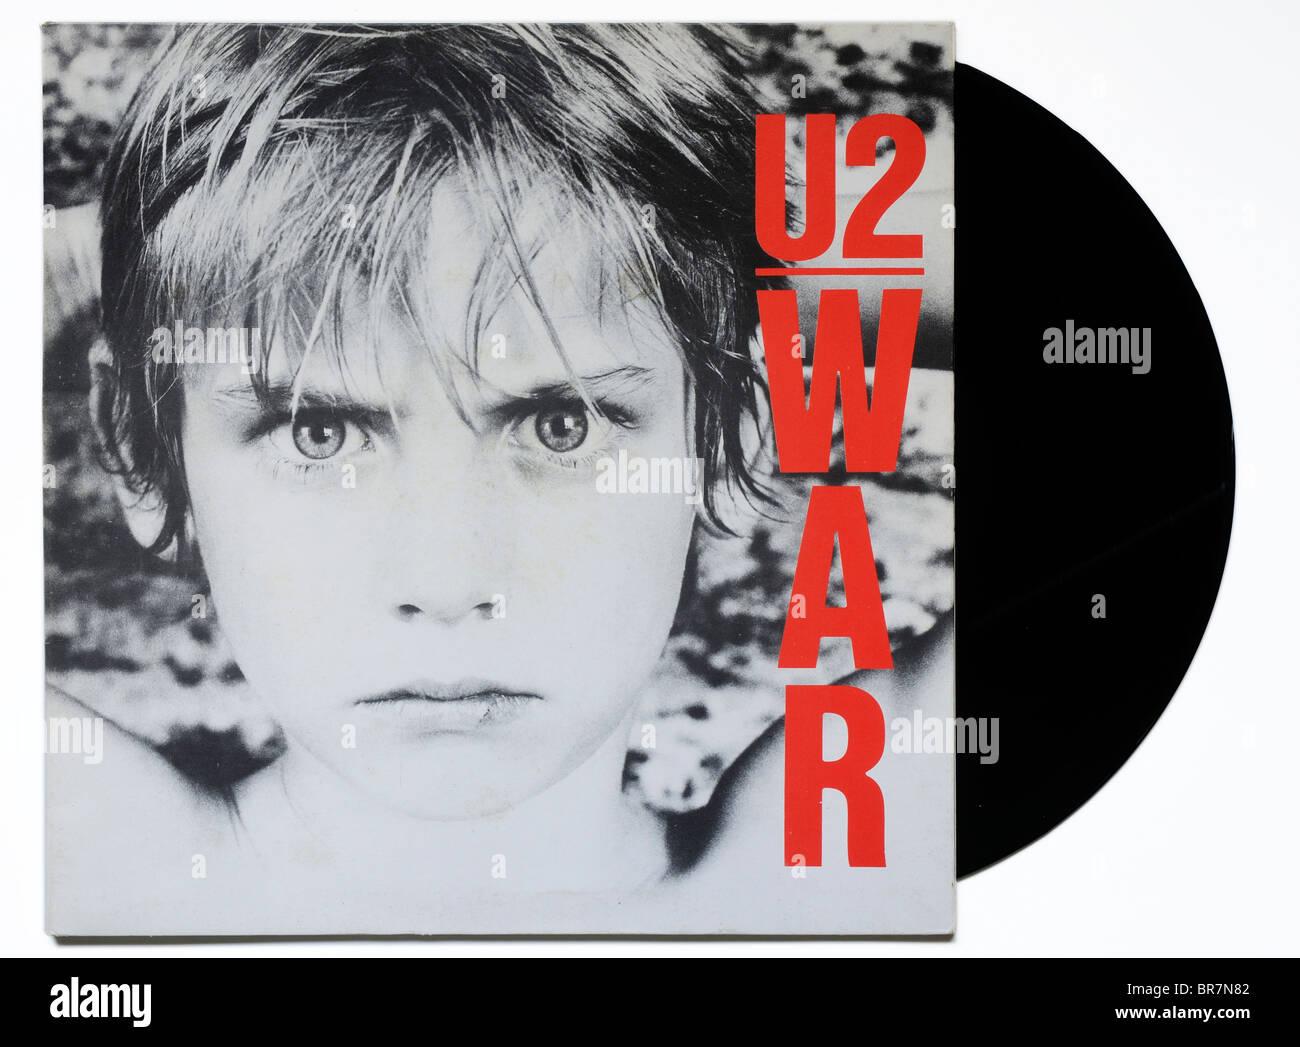 U2 War album - Stock Image